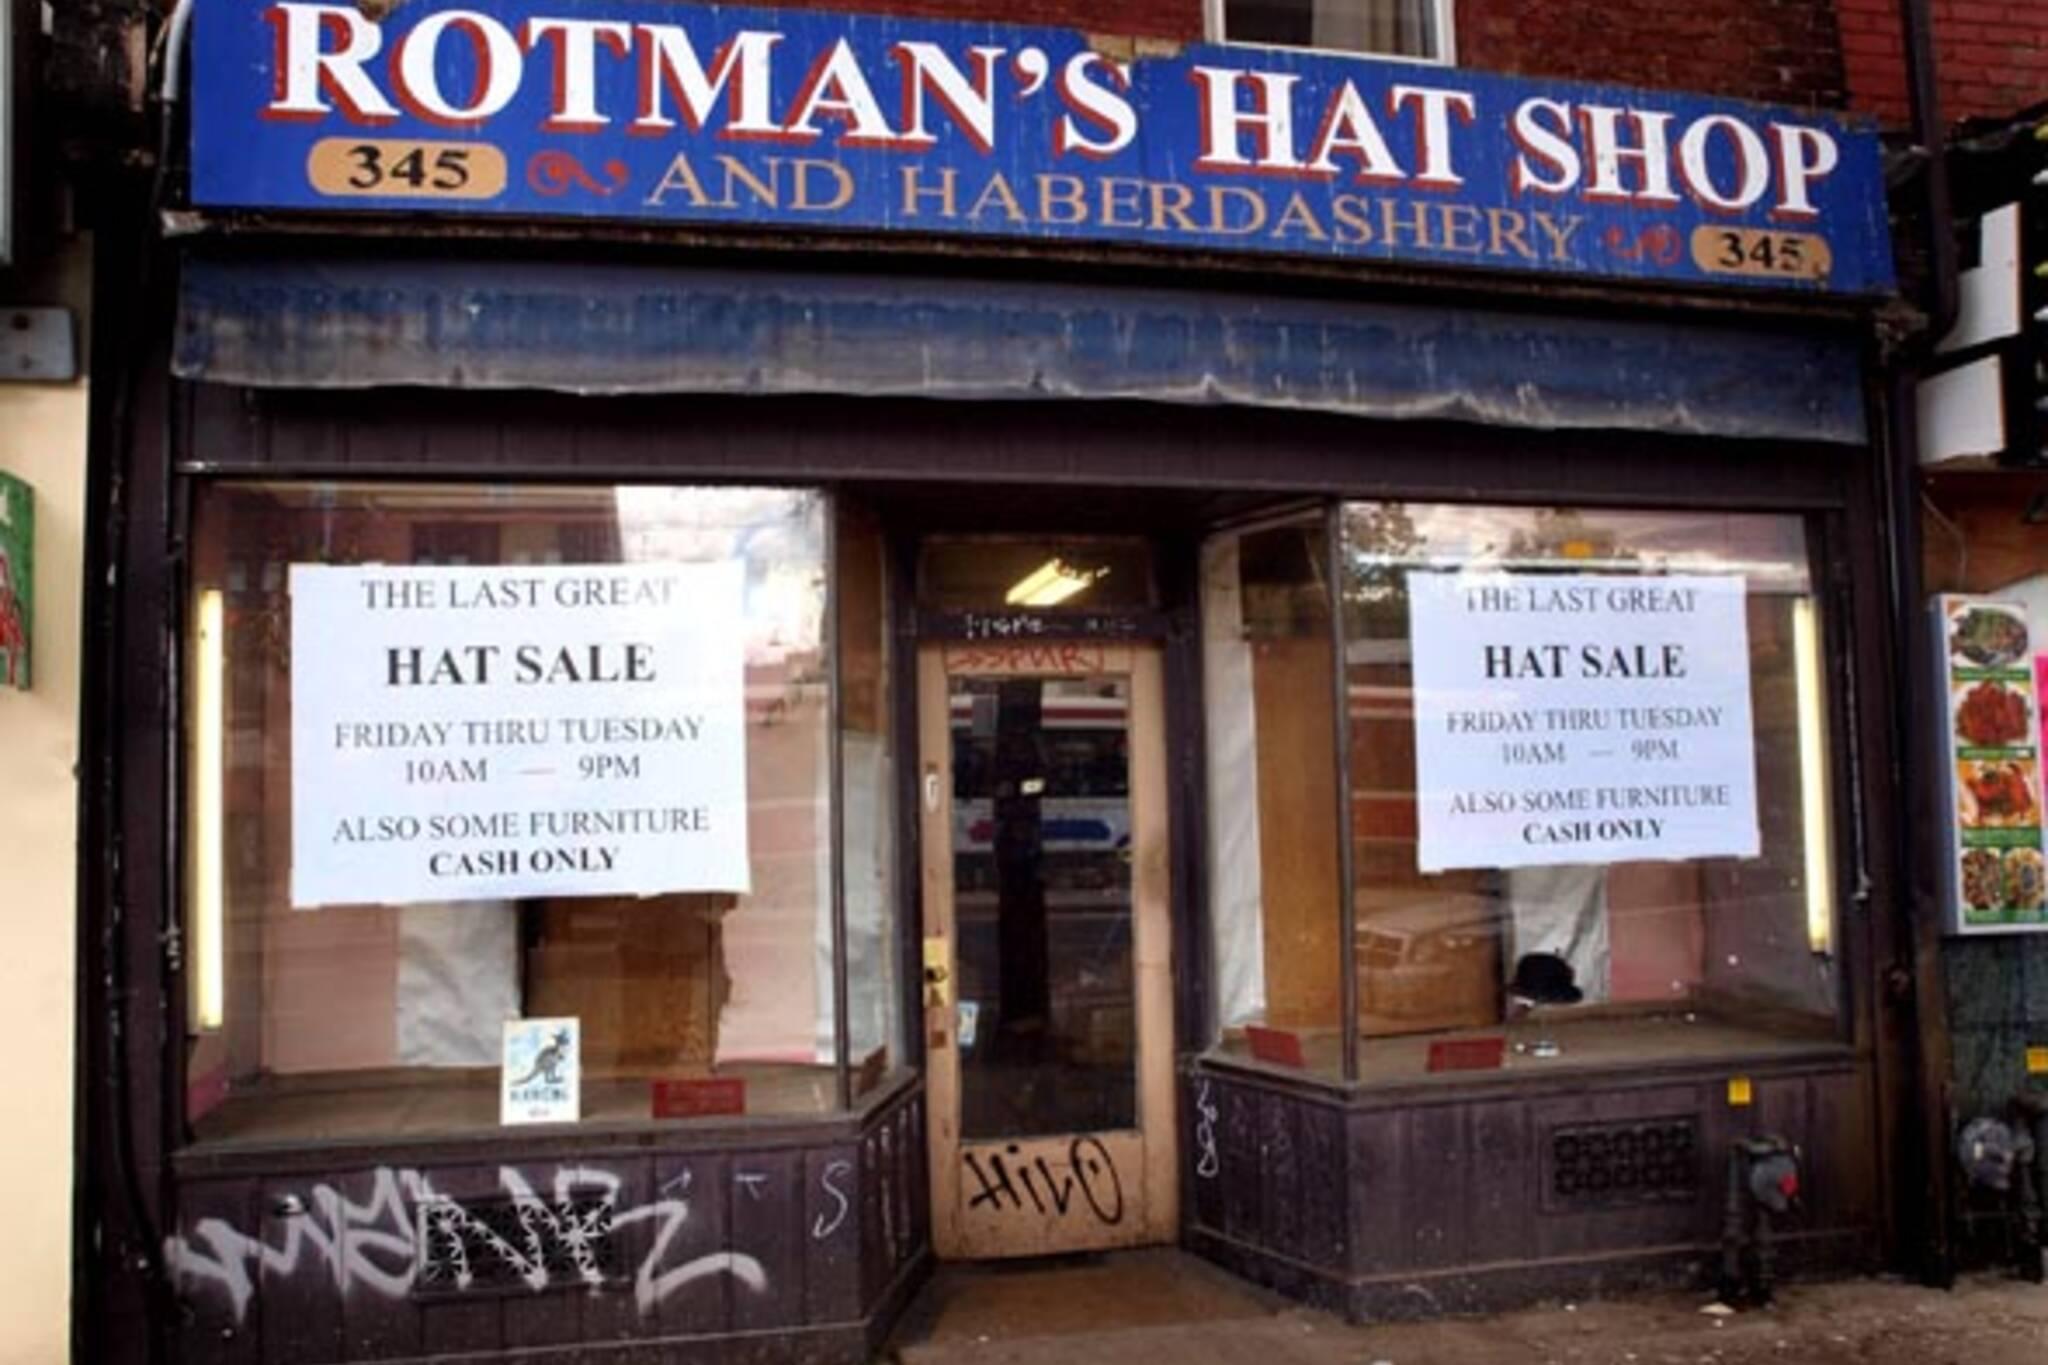 Rotman's Hats closes